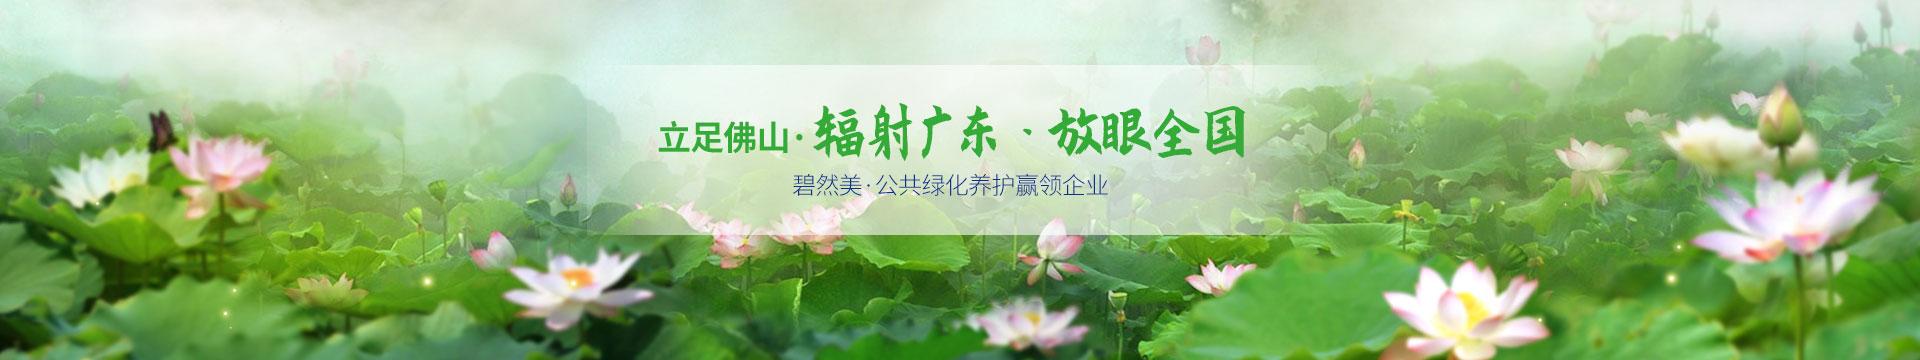 碧然美-公共绿化养护赢领企业